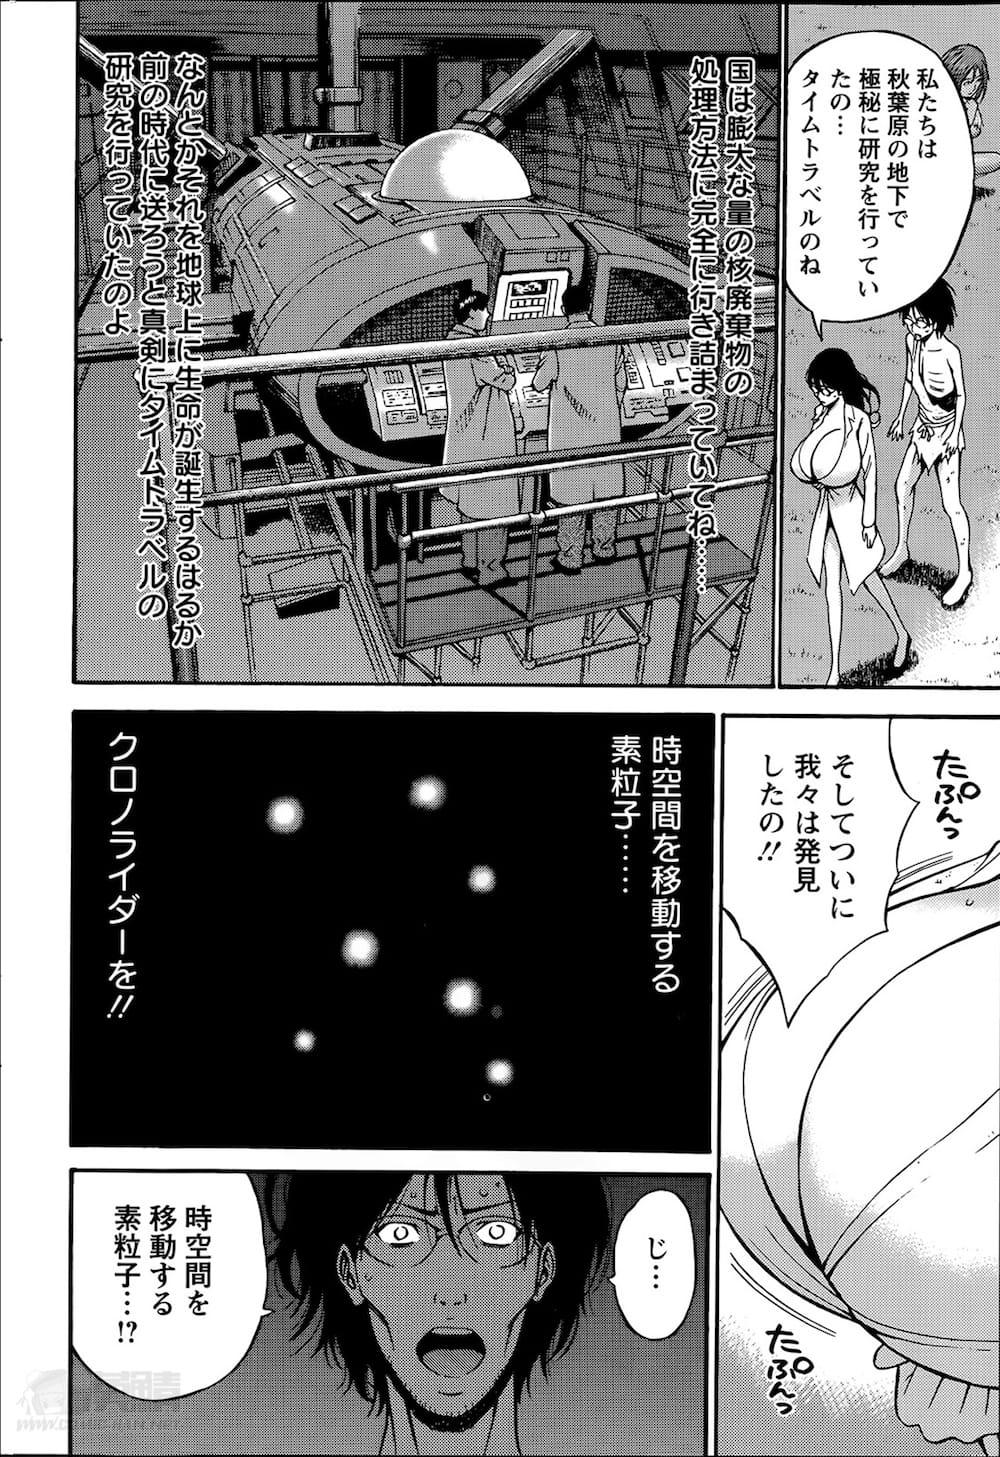 【長編エロ漫画・第8話】オタがタイムスリップした謎が明らかに!研究者の女性と地球上で初めて行われるカーセックスで現代に戻れるのか!中出しと同時に光る!【ながしま超助】